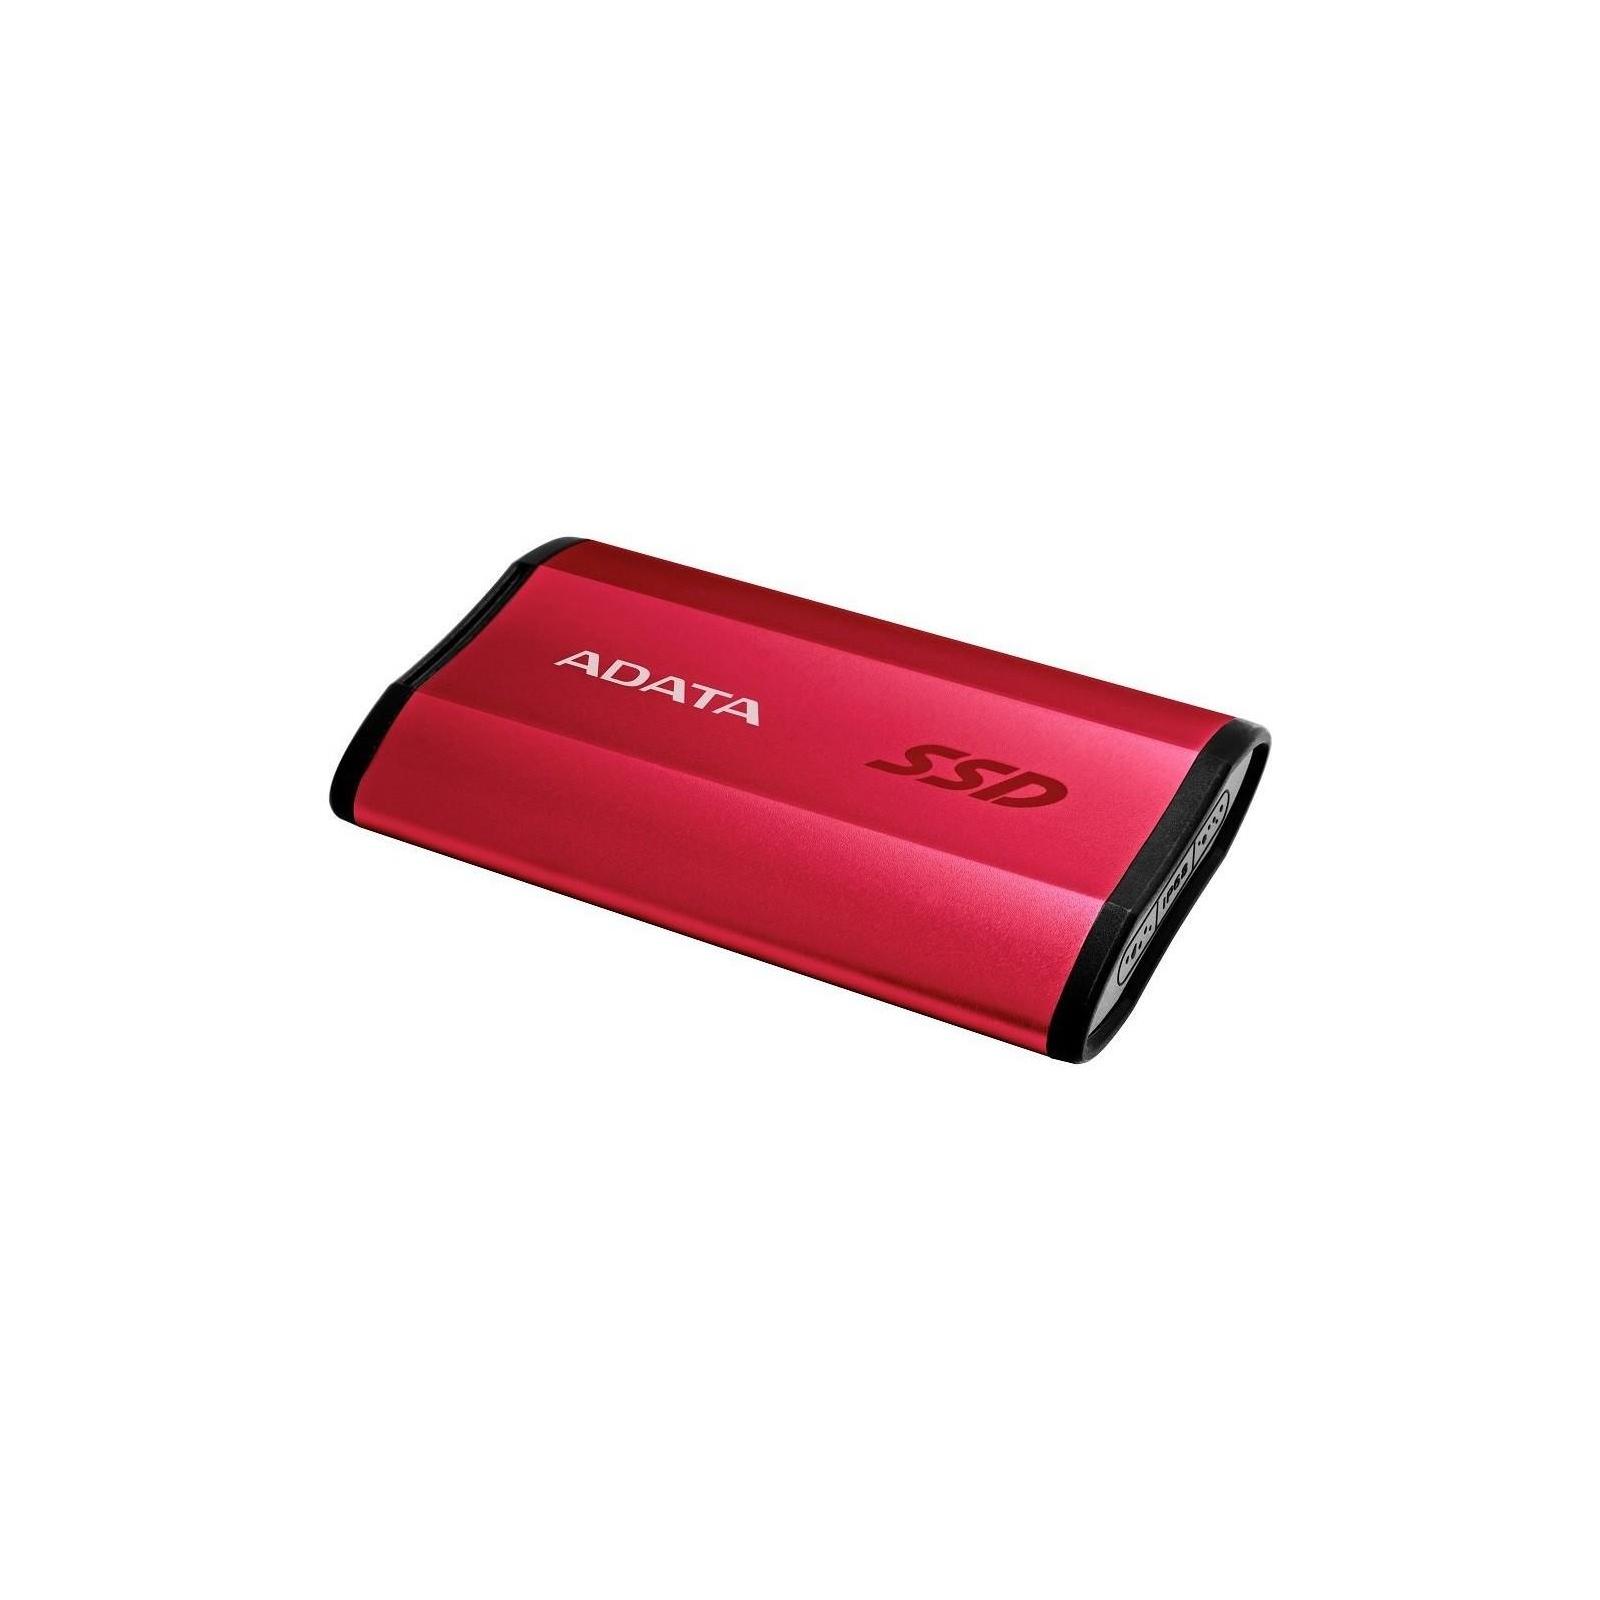 Накопитель SSD USB 3.1 512GB ADATA (ASE730H-512GU31-CRD) изображение 4